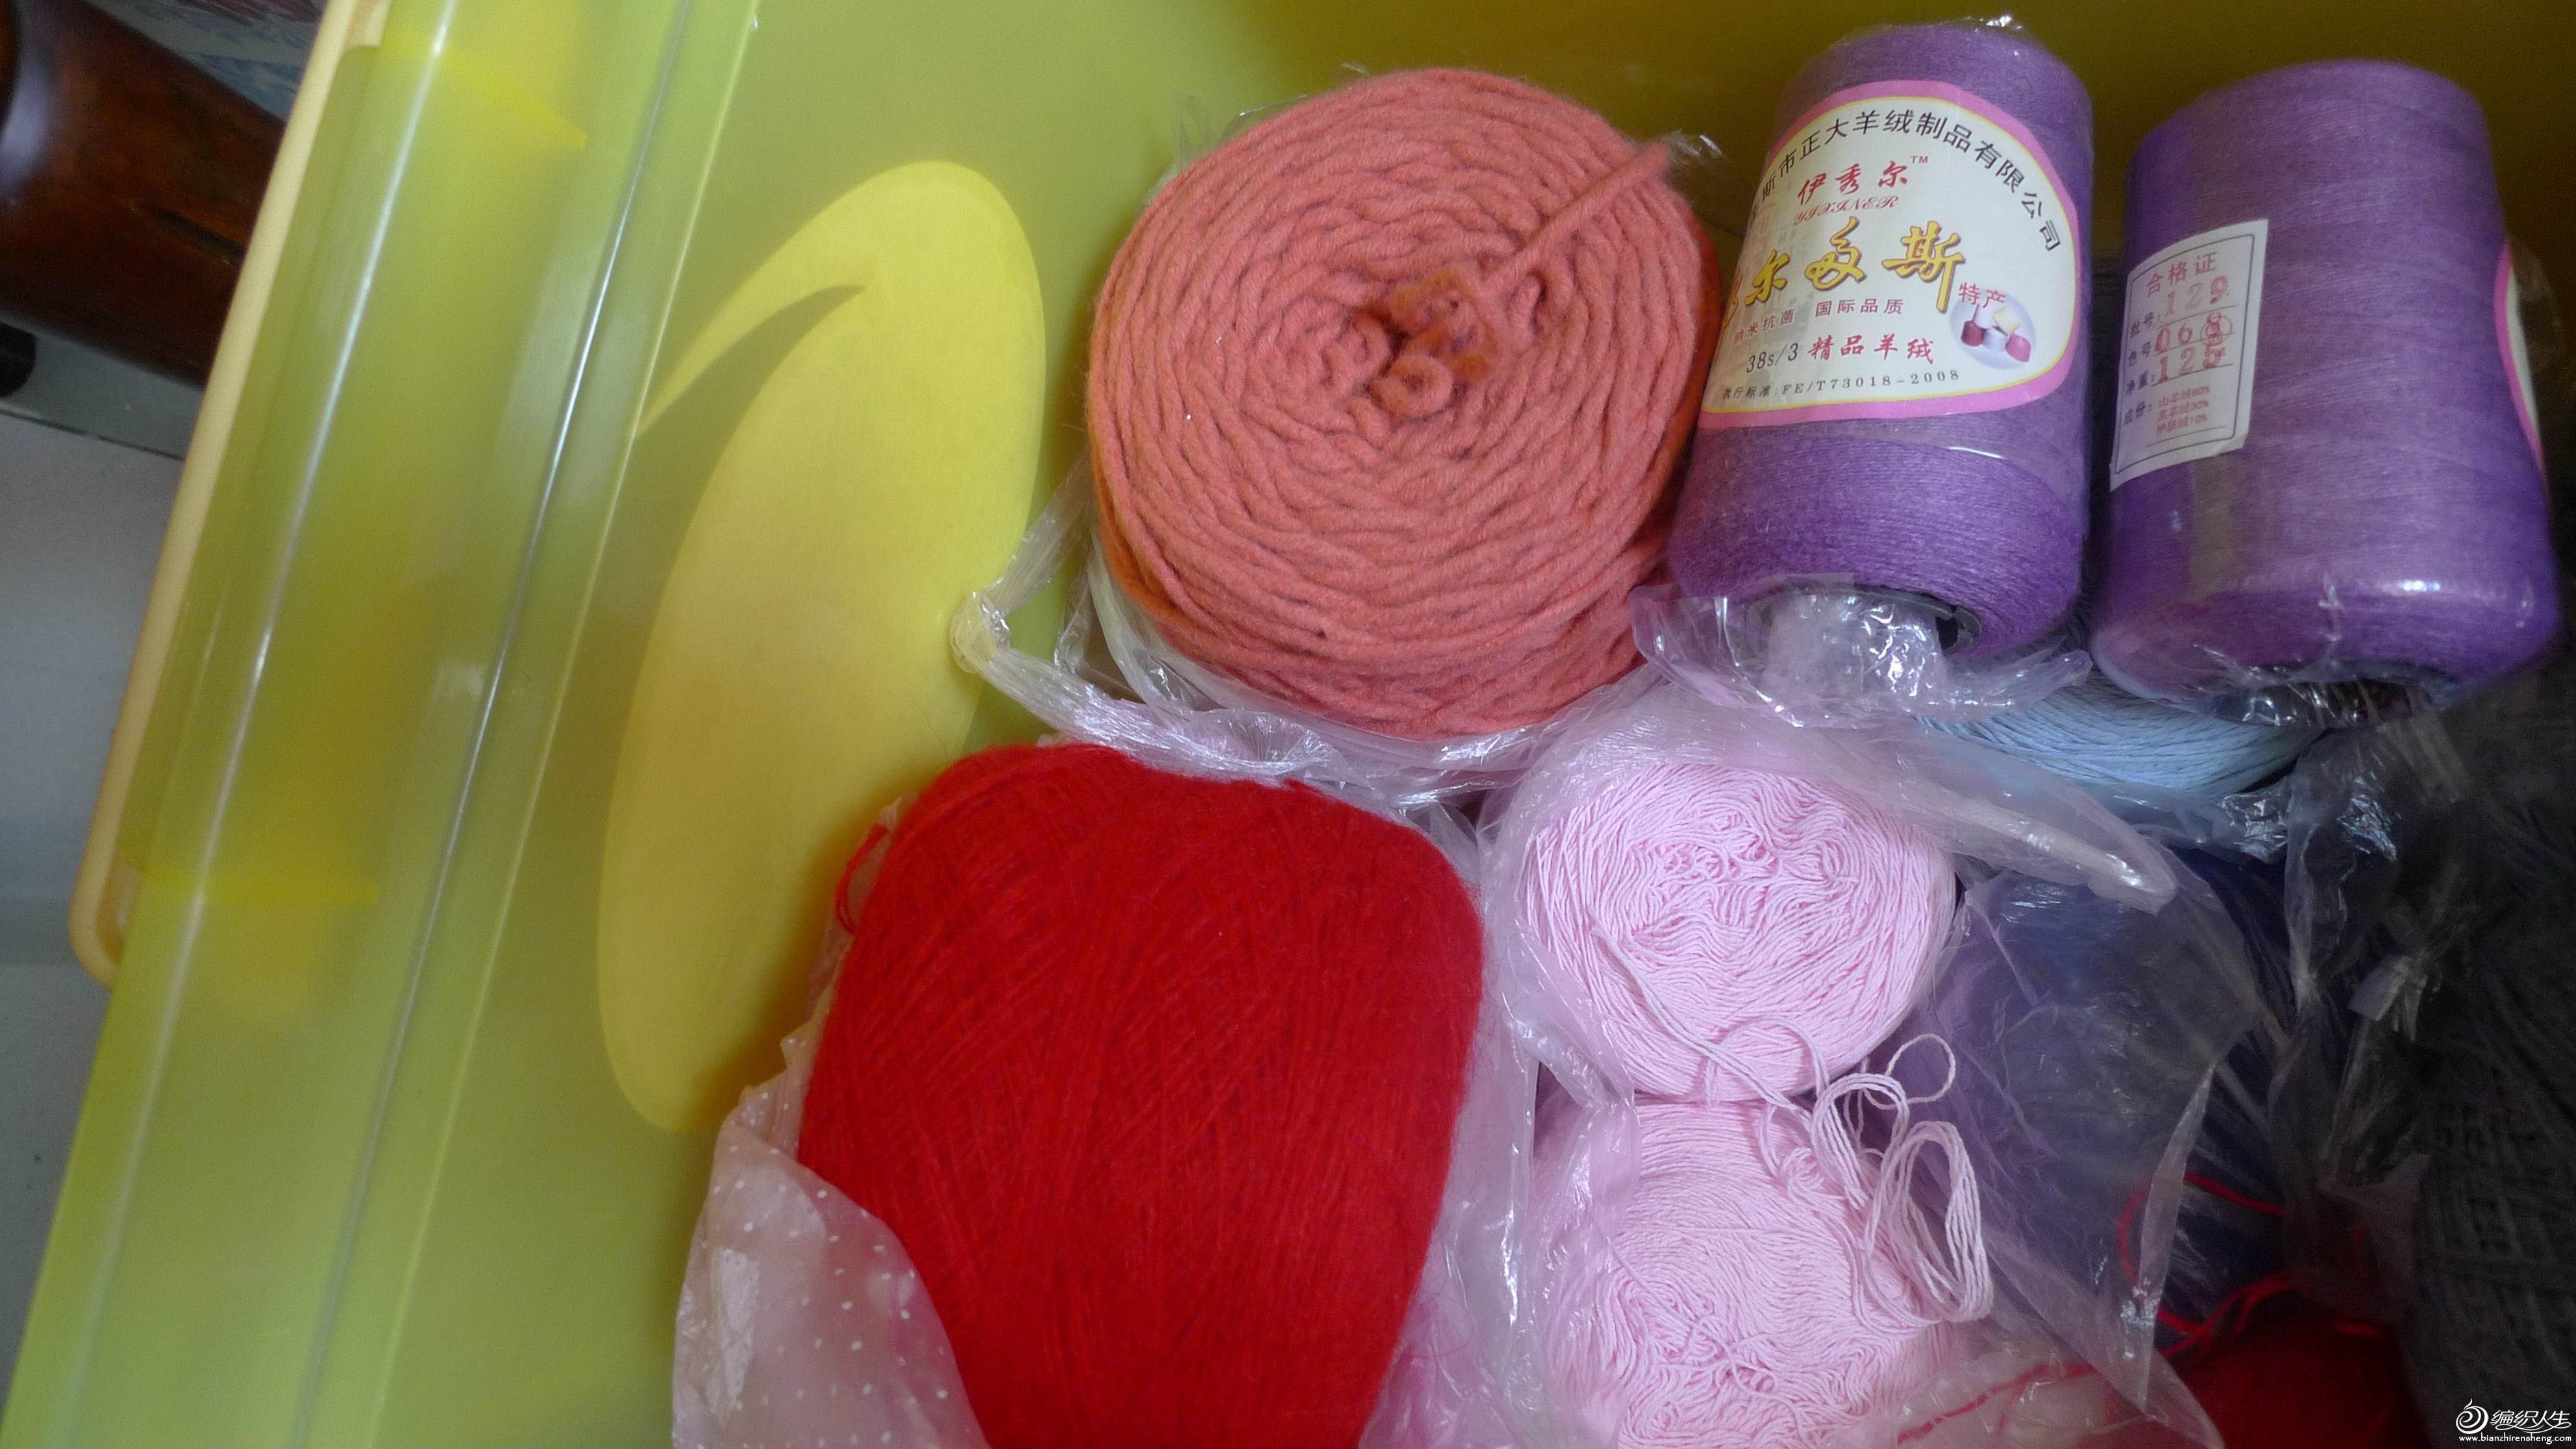 橙红羊毛,花紫羊绒,红色马海,水粉圆棉a.jpg